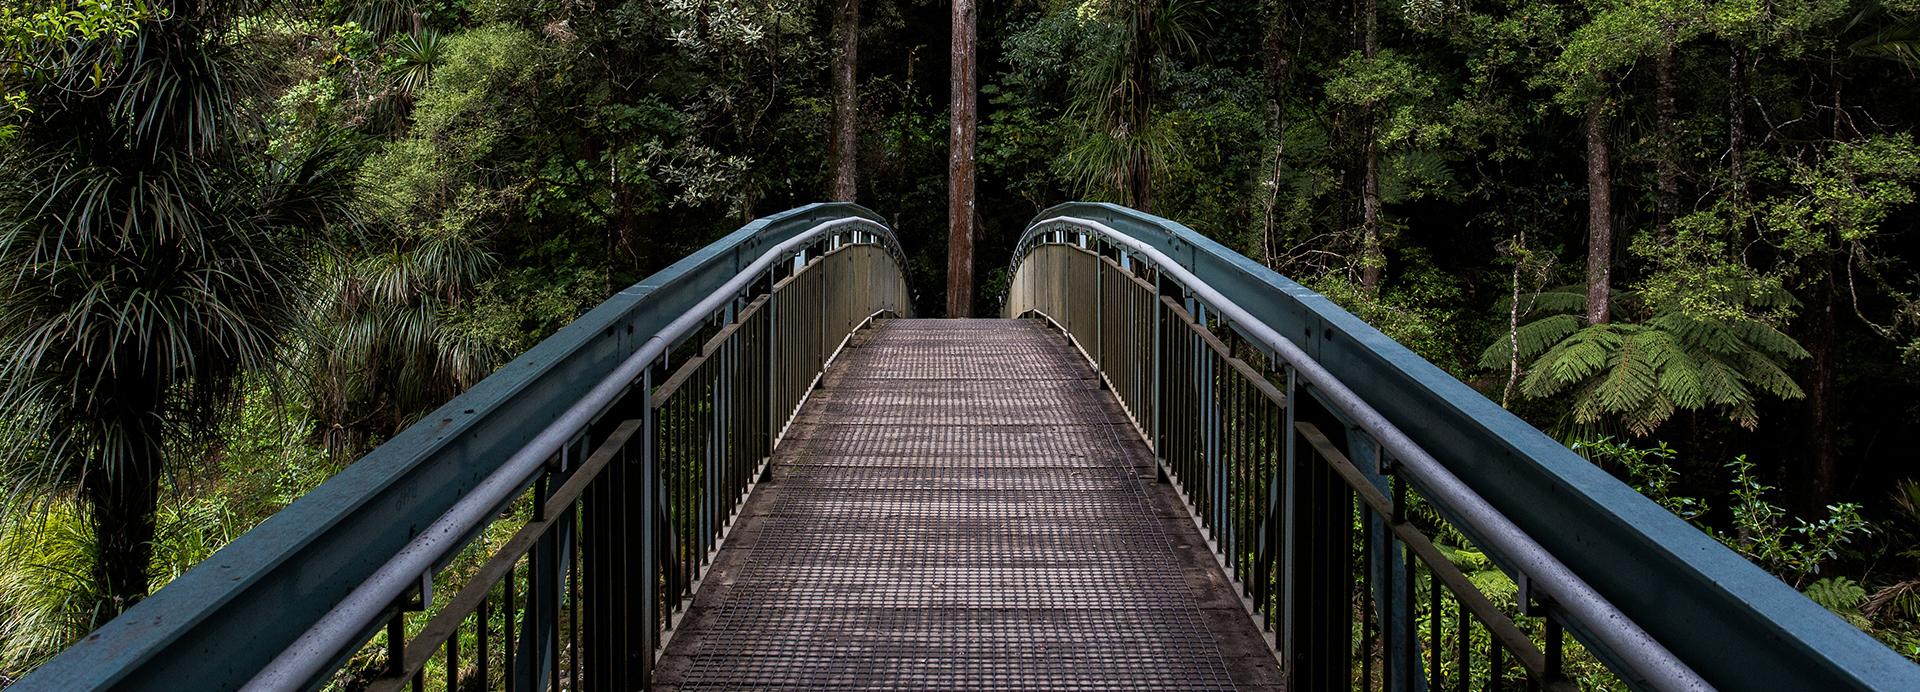 Guardrail 3.jpg